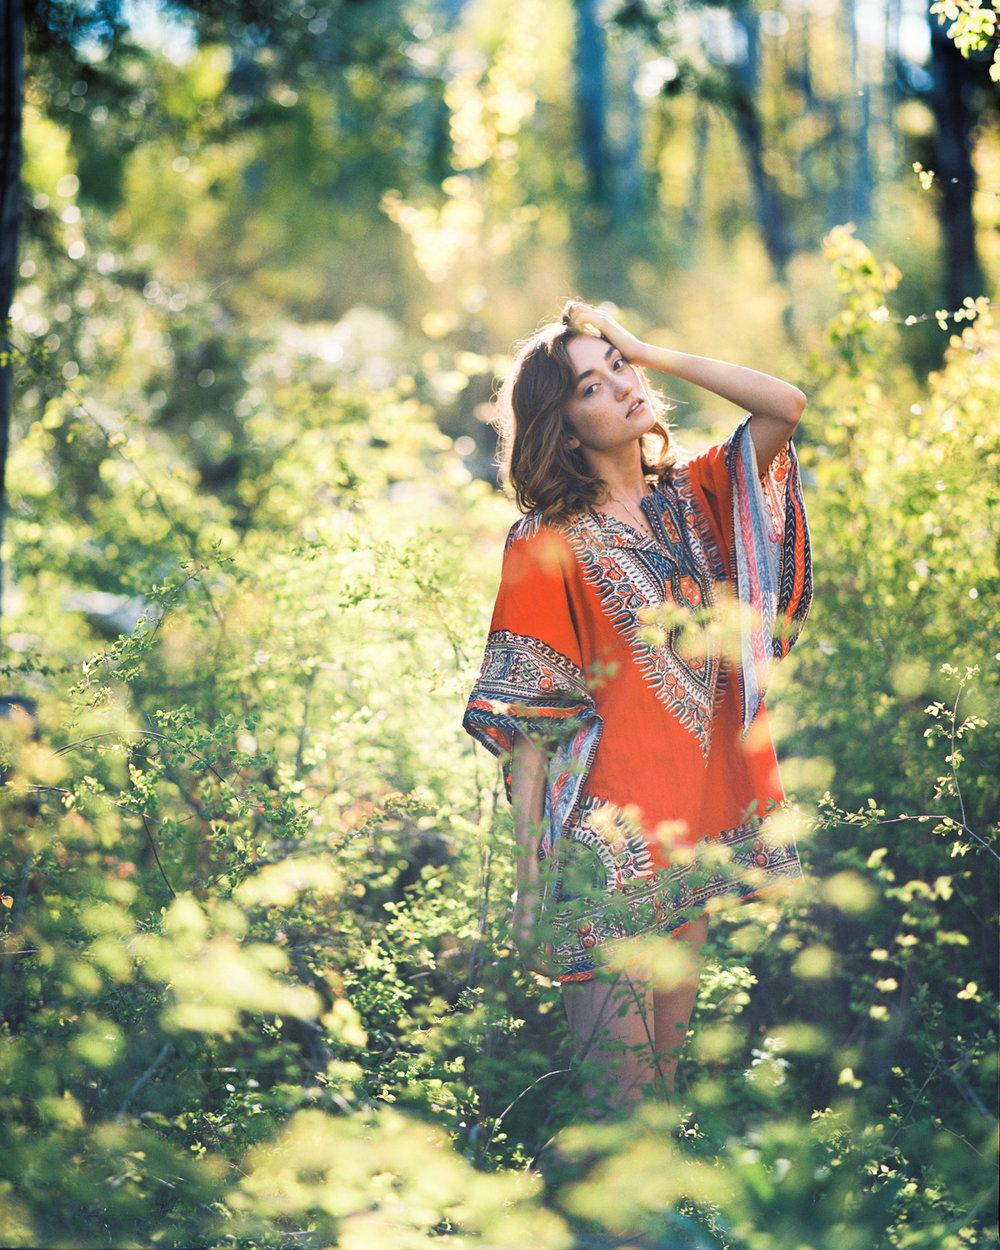 3_Bailey_Mount_Lemmon_AZ_Vintage_Smock_Forest_Pentax_67_Kodak_Portra_400_Copyright_Taylor_Noel_photography.jpg